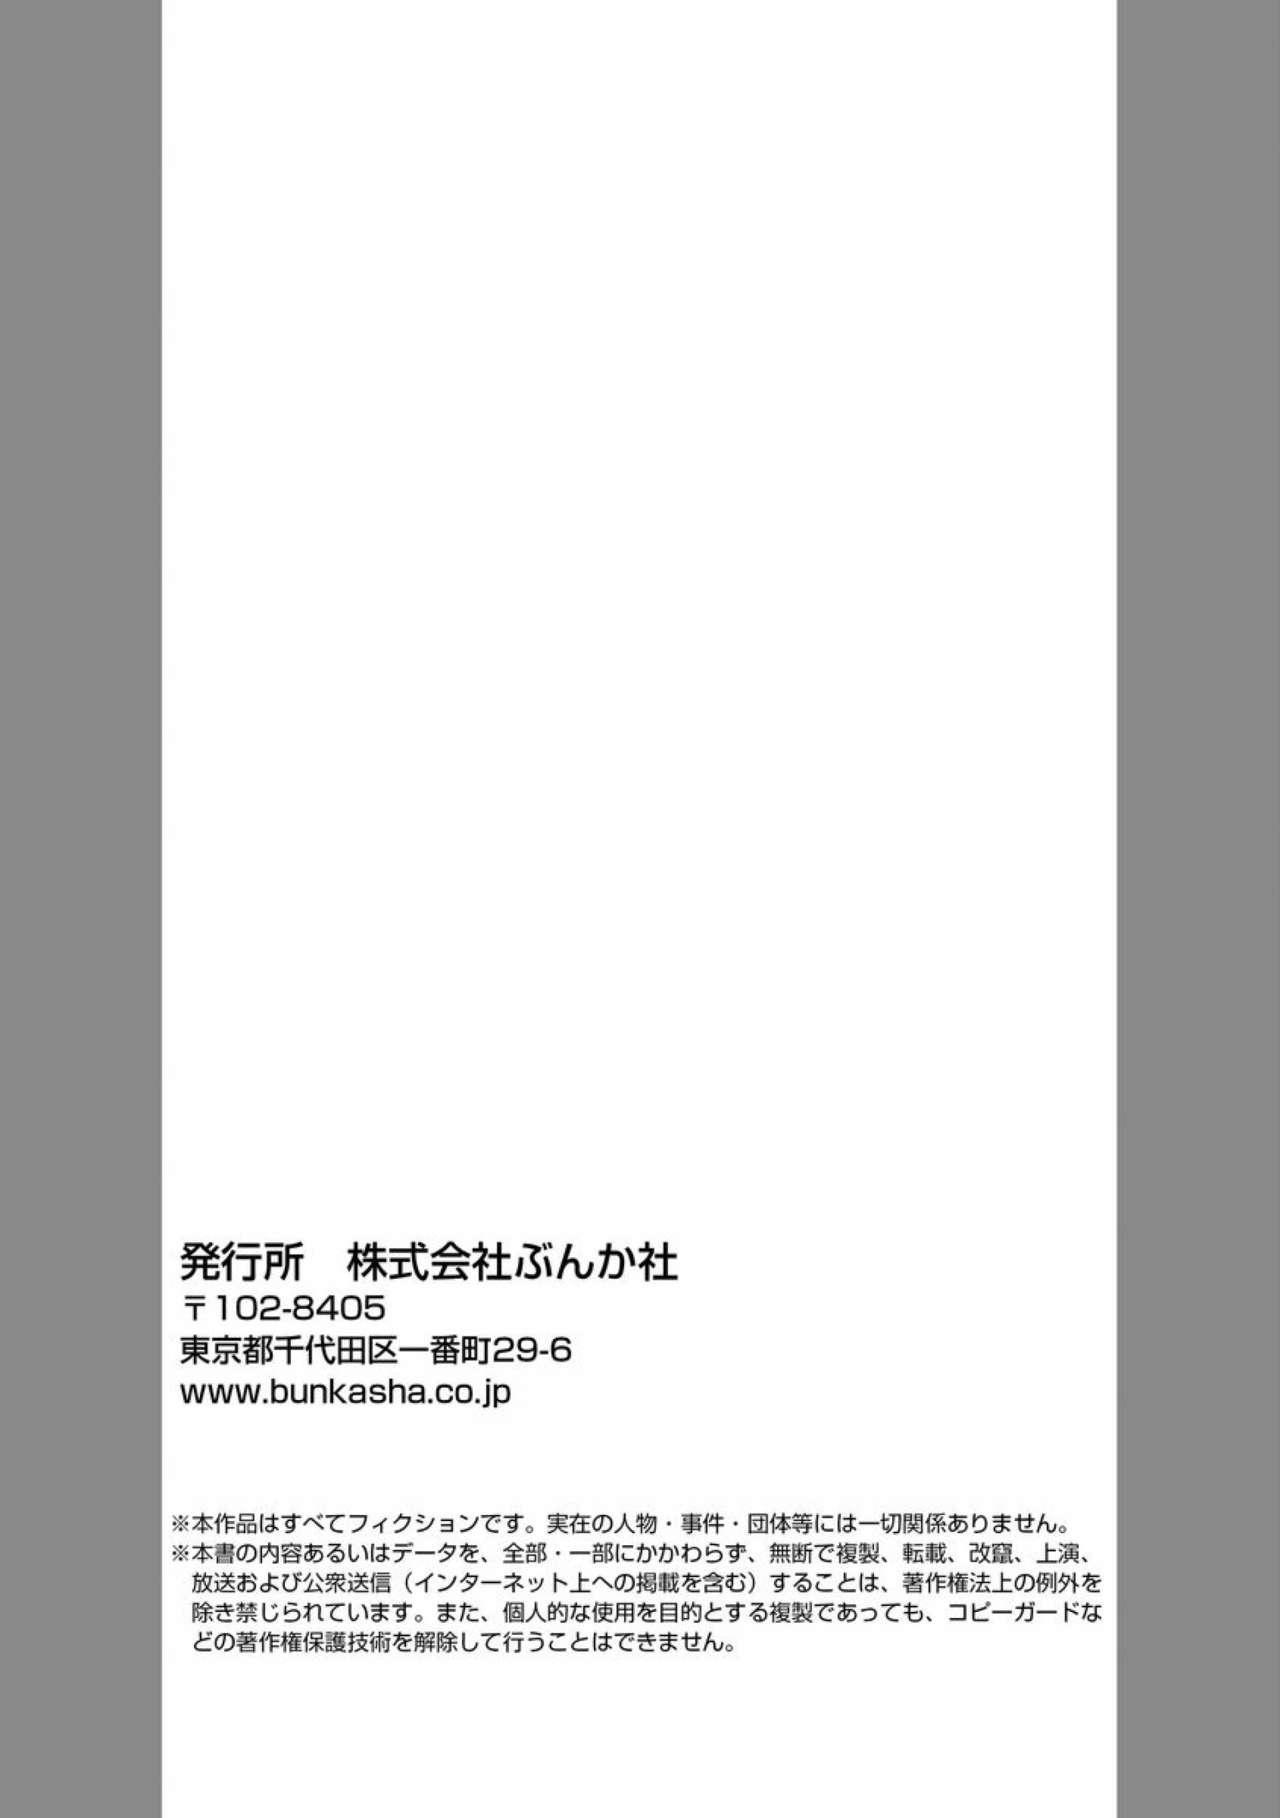 [Saotome Mokono] Kyououji no Ibitsu na Shuuai ~Nyotaika Knight no Totsukitooka~ Ch. 12 [Chinese] [瑞树汉化组] [Digital] 31